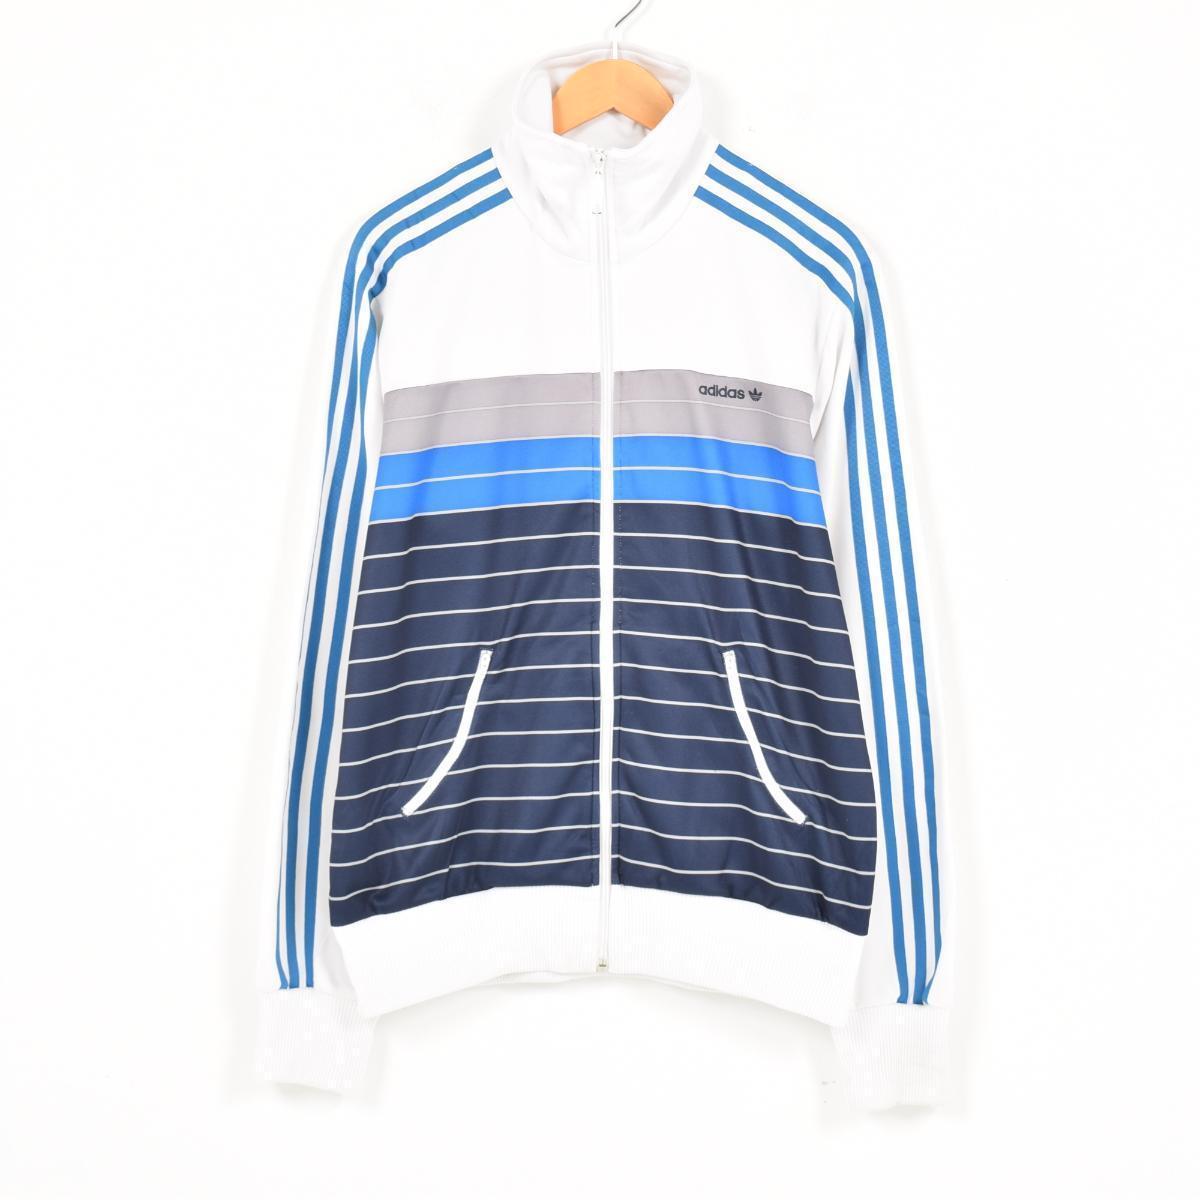 アディダス adidas ORIGINALS オリジナルス ジャージ トラックジャケット メンズM /wad0432 【中古】 【170807】